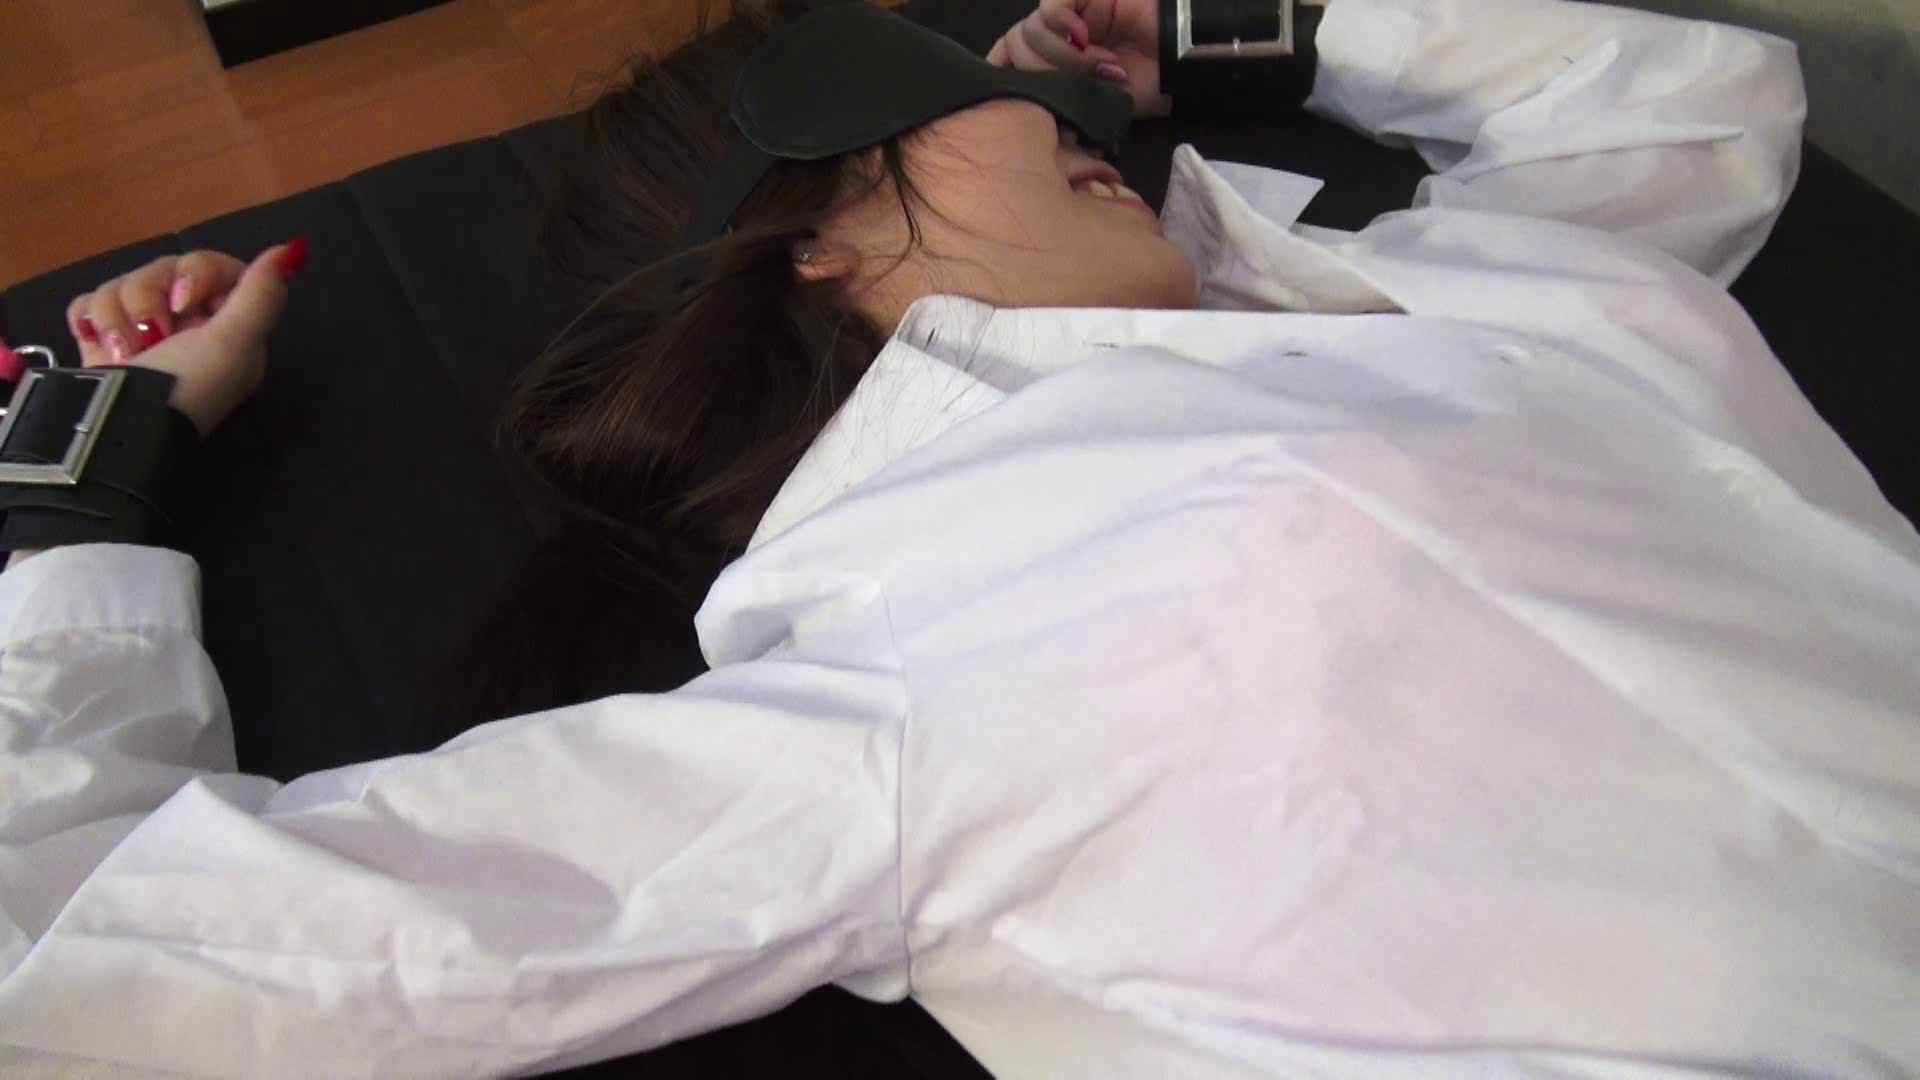 vol.2 くすぐりと刷毛で夏実ちゃんを刺激して様子を伺っています。 顔出しNG一般女性 | OLのエッチ  57pic